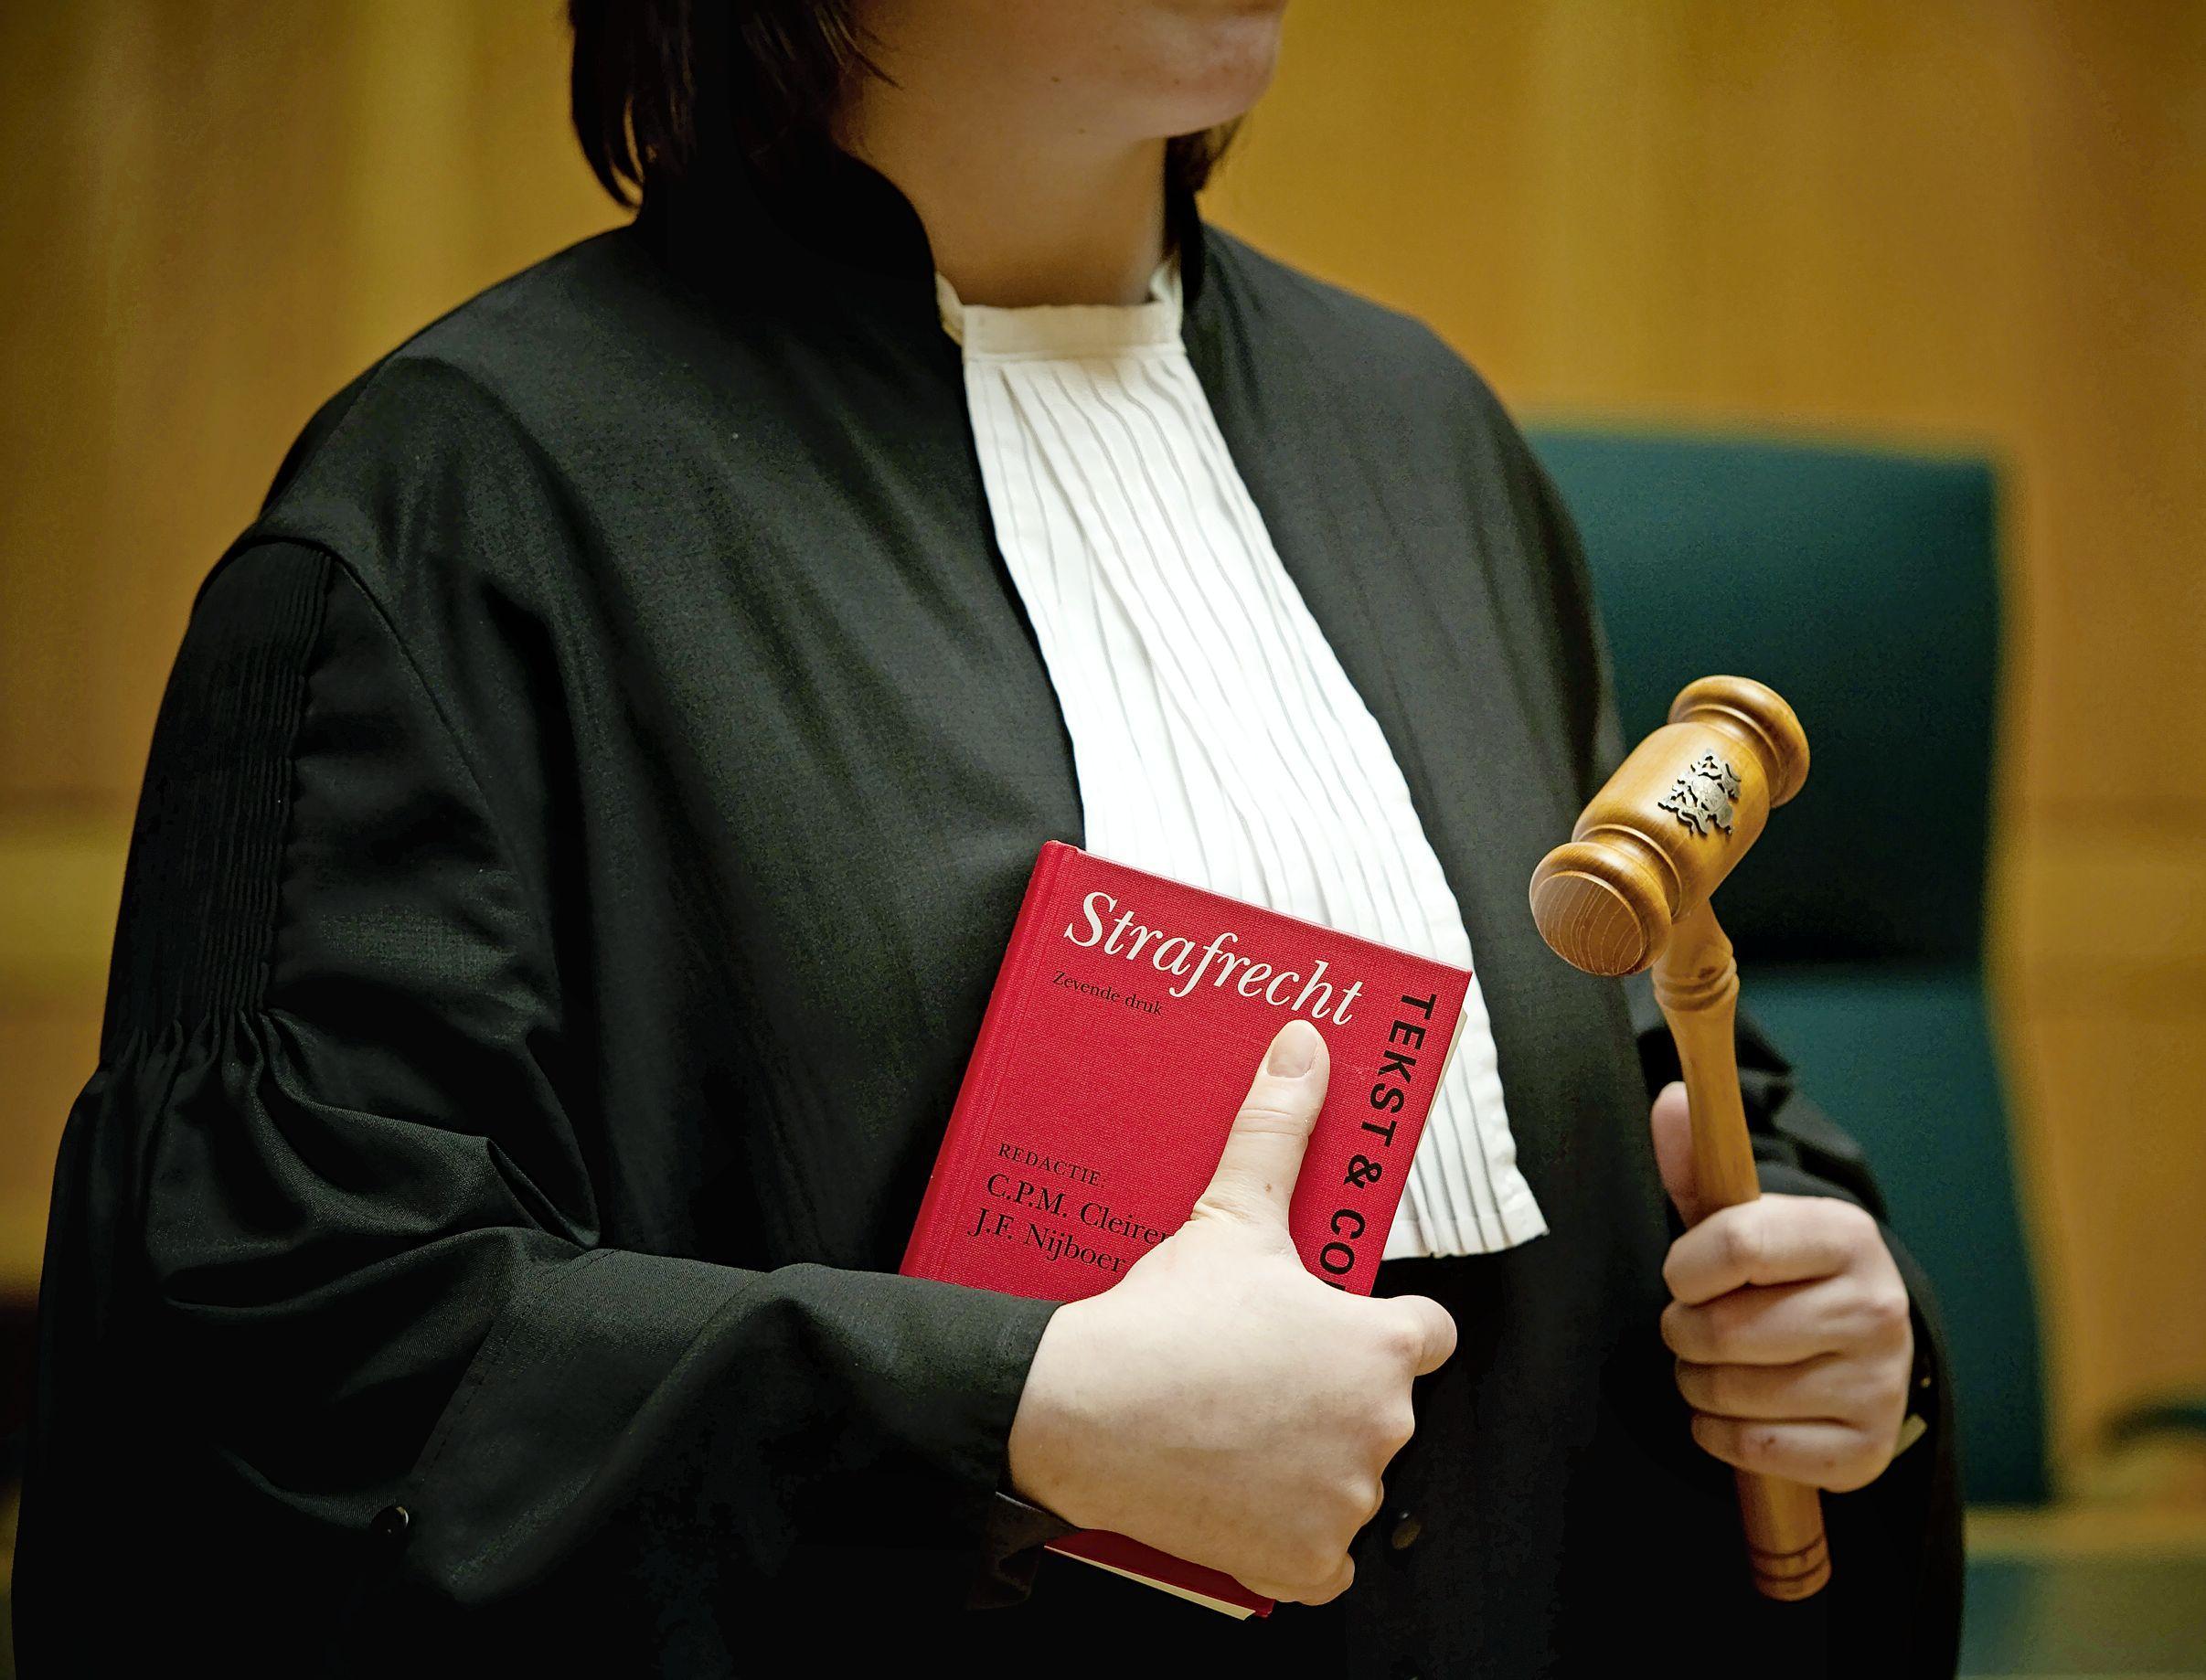 Jaar cel voor man uit Anna Paulowna na seksueel misbruik van kwetsbare tiener. Verklaringen van slachtoffer zijn betrouwbaar, vindt de rechter